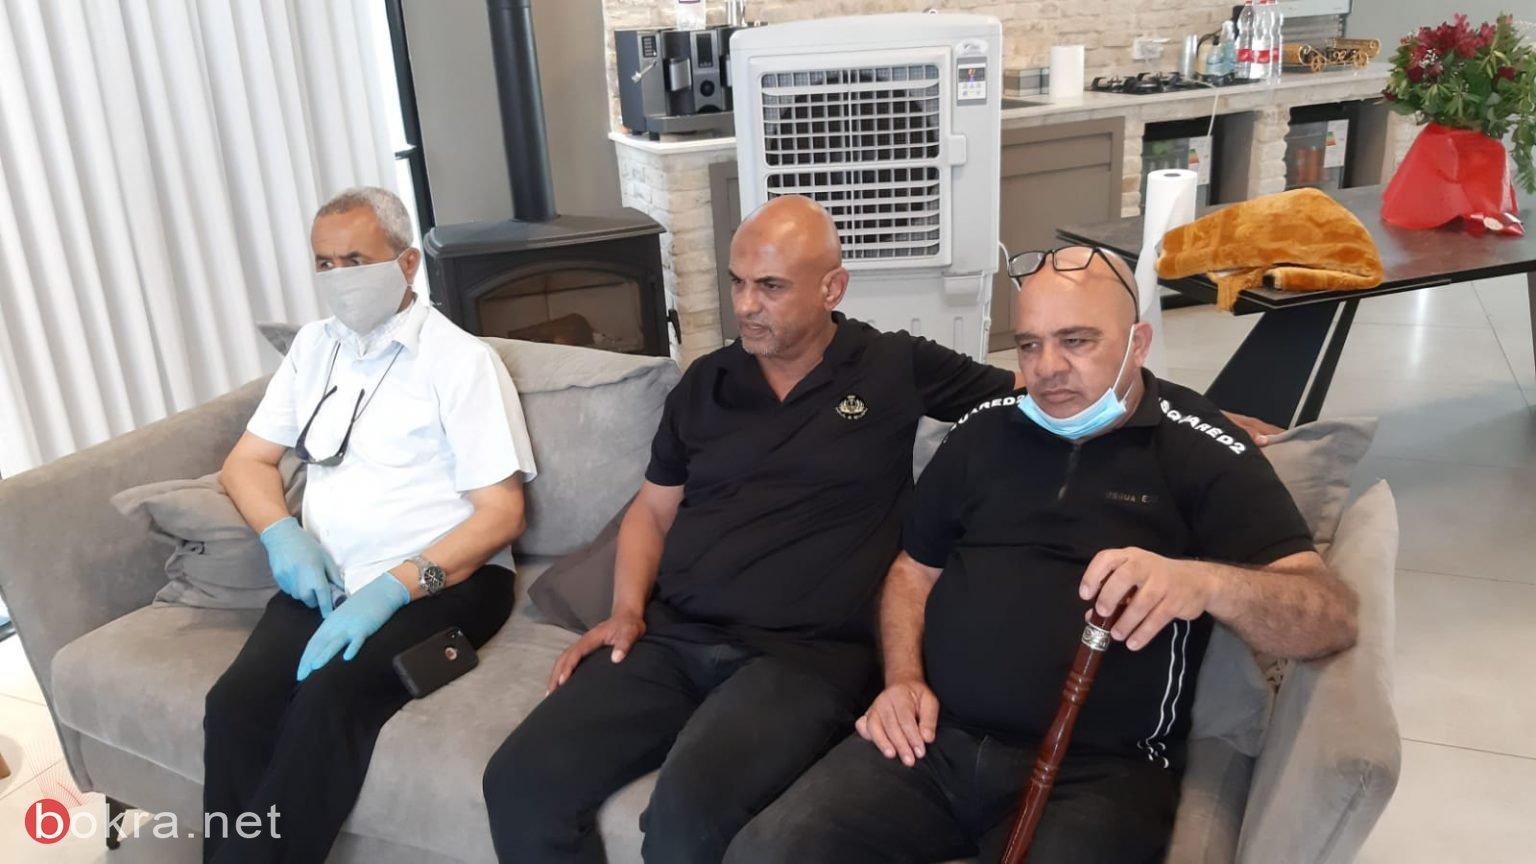 """اللد : عقد راية الصلح بين عائلتي """" ابو غانم"""" والجاروشي"""